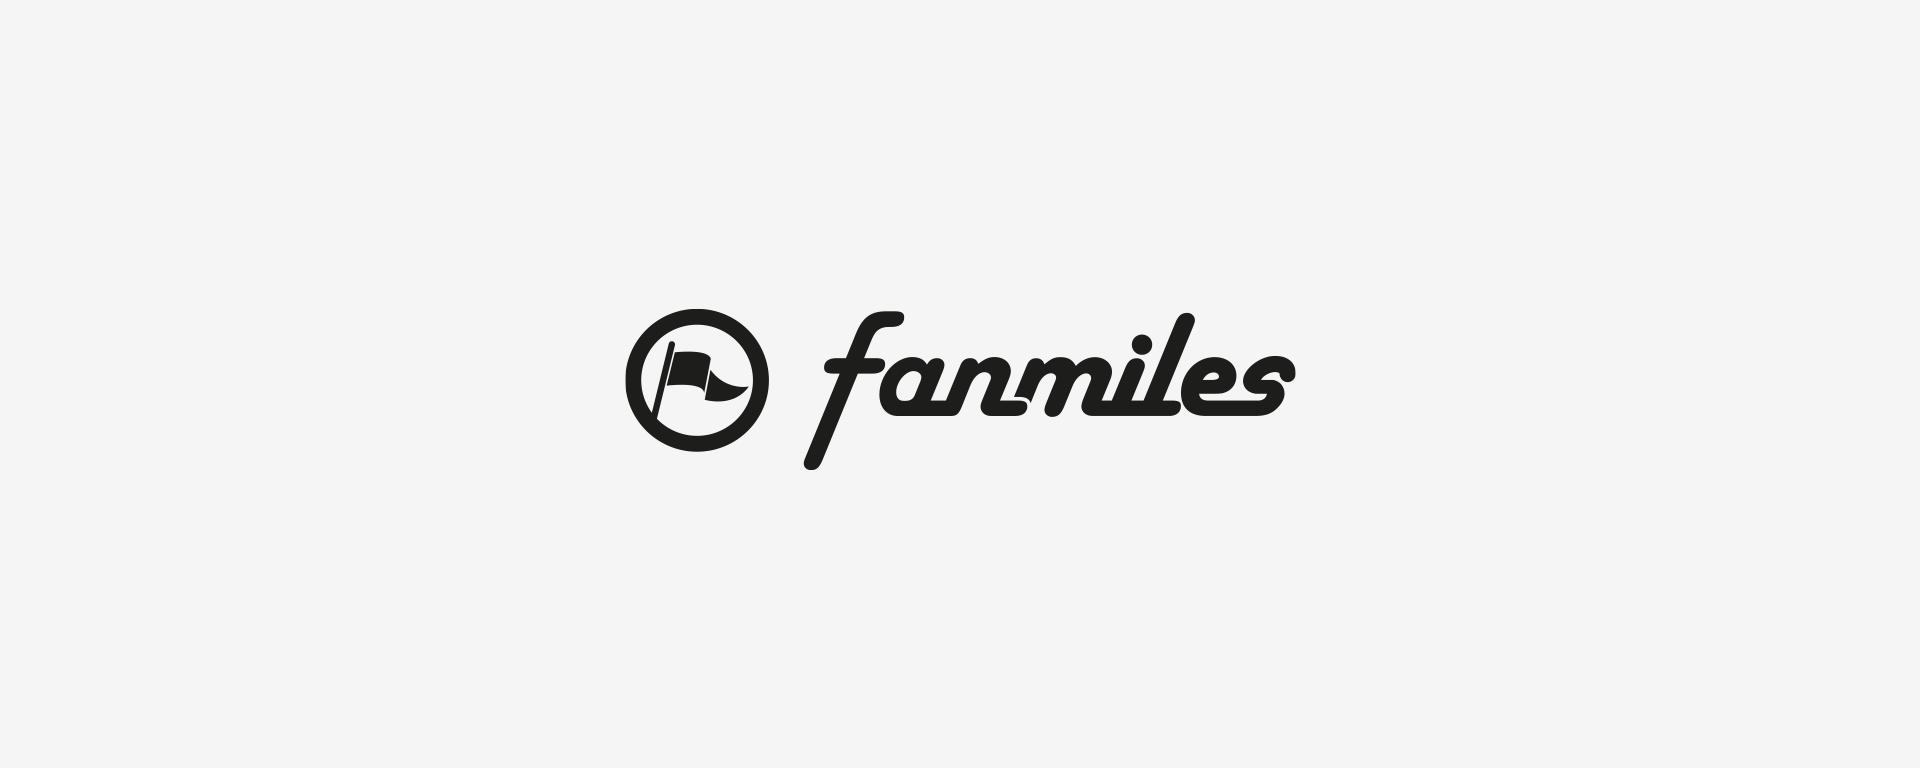 Fanmiles